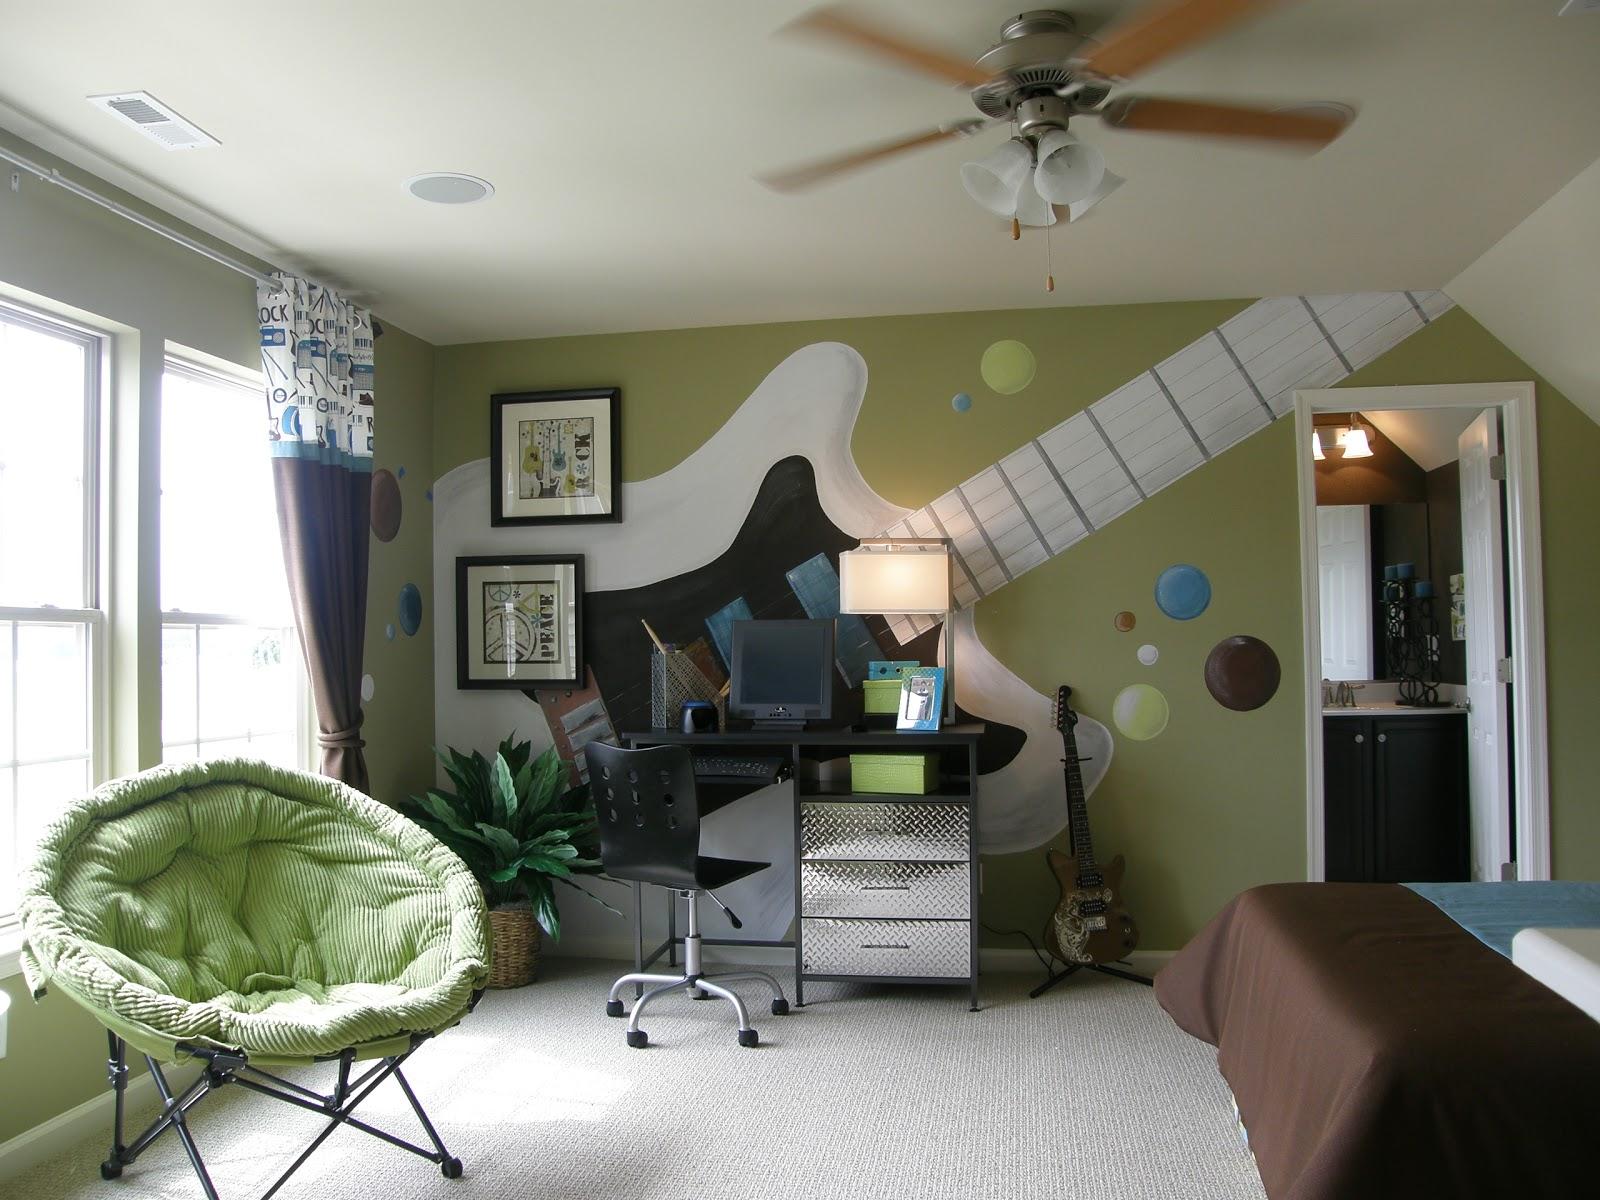 Jam Session Teen Bedroom - Design Dazzle on Teenager Room Decor  id=50980